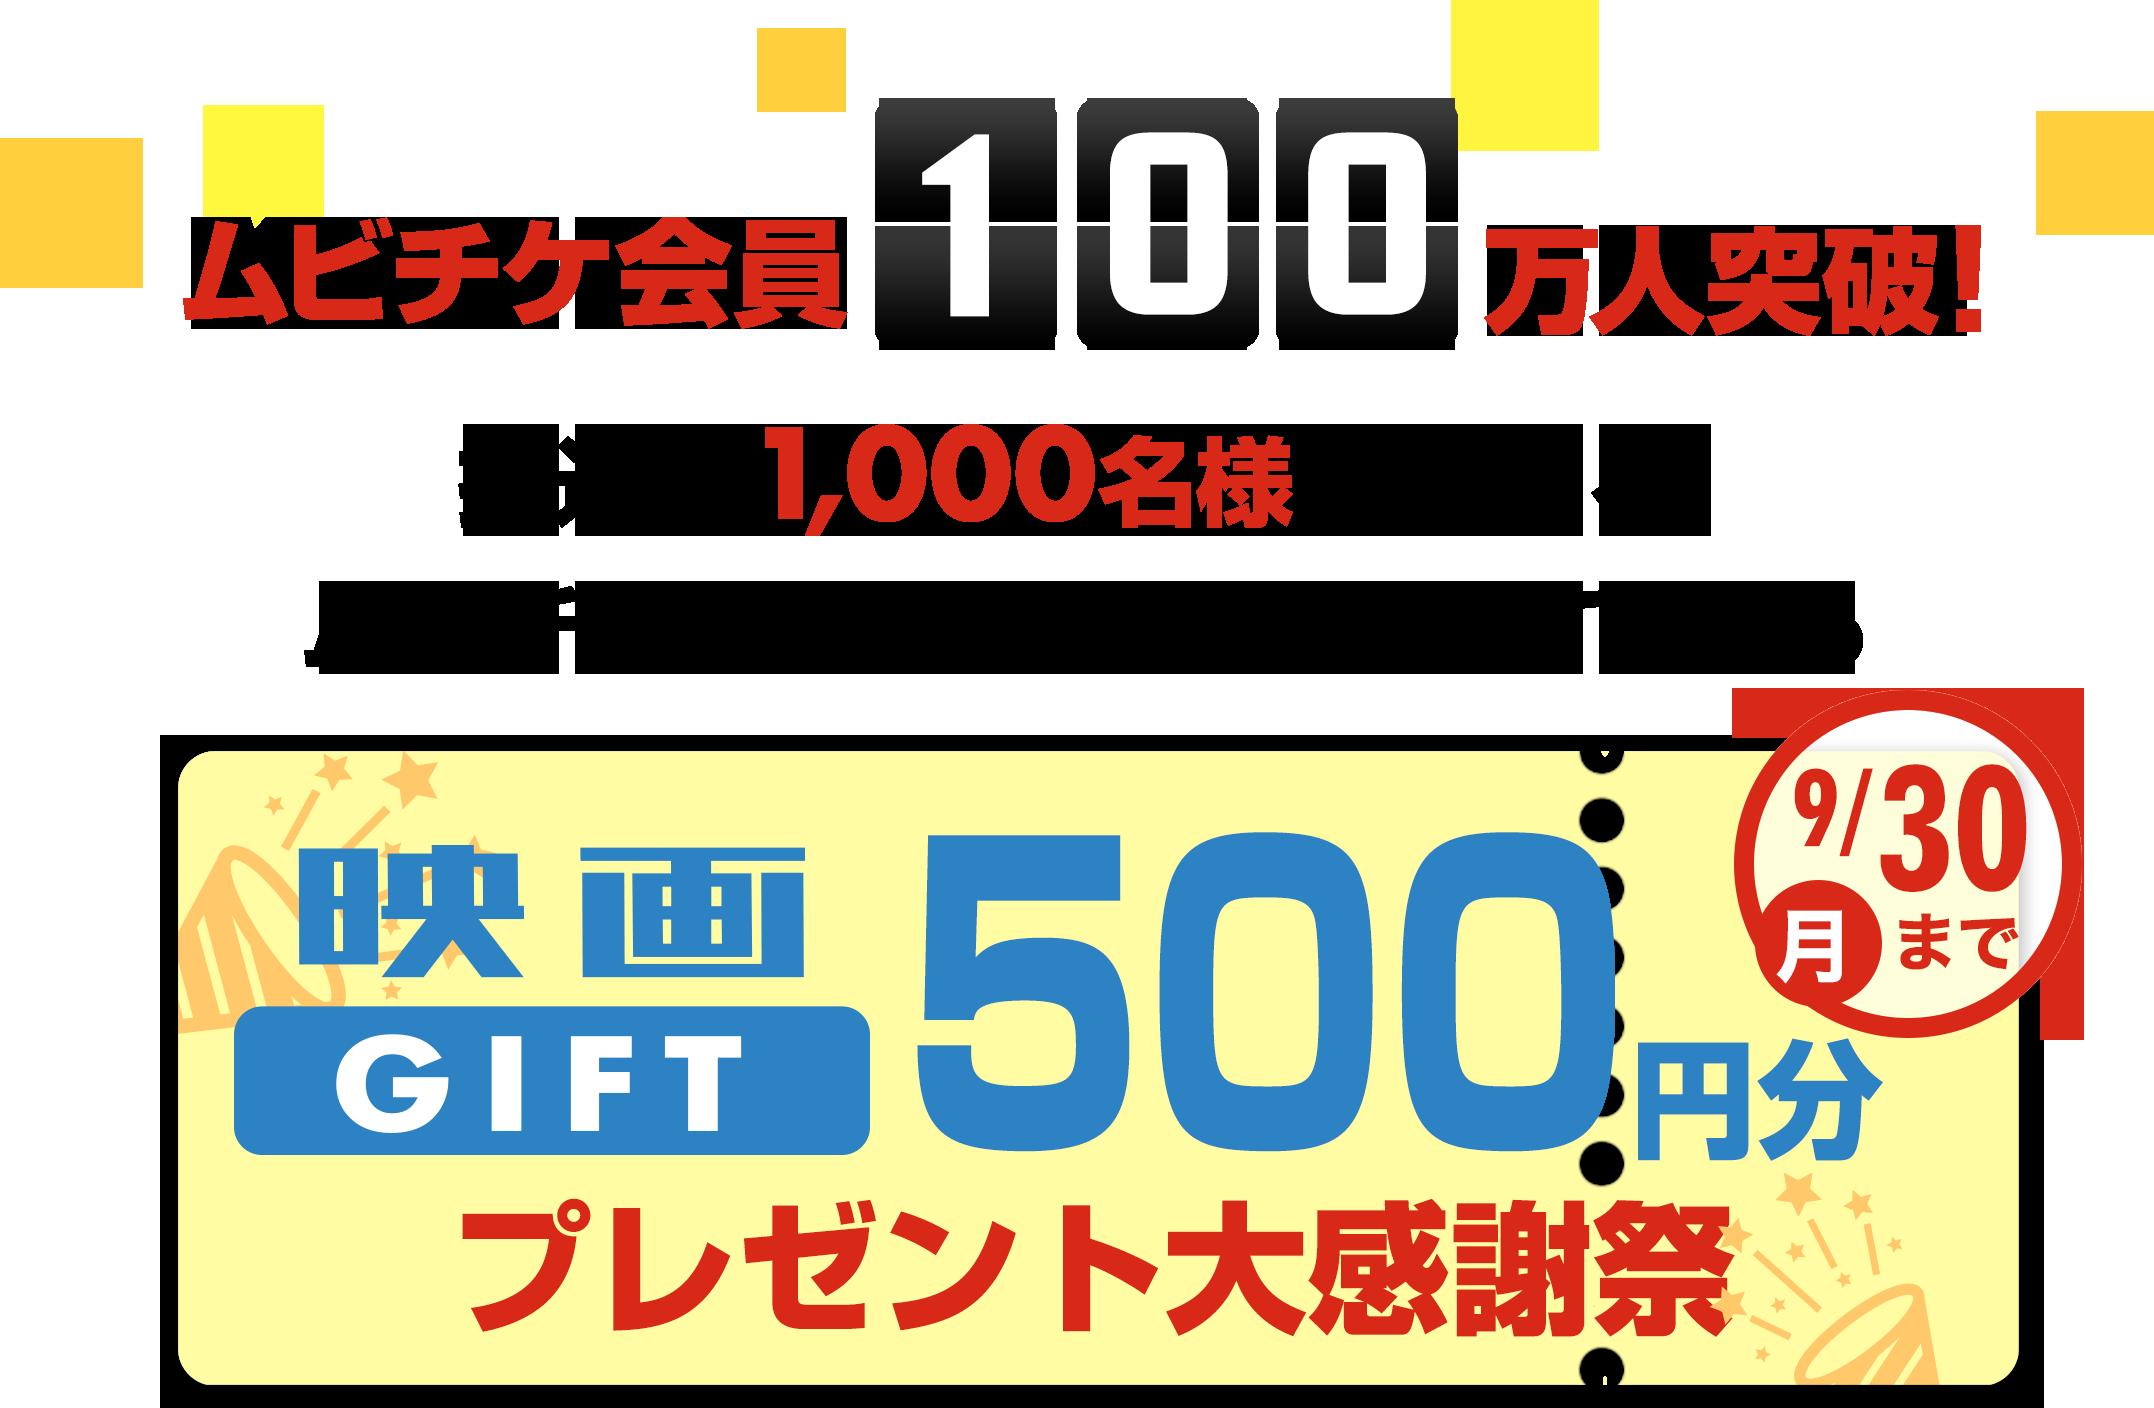 ムビチケで映画ギフト500円分が抽選で1000名に当たる。~9/30。